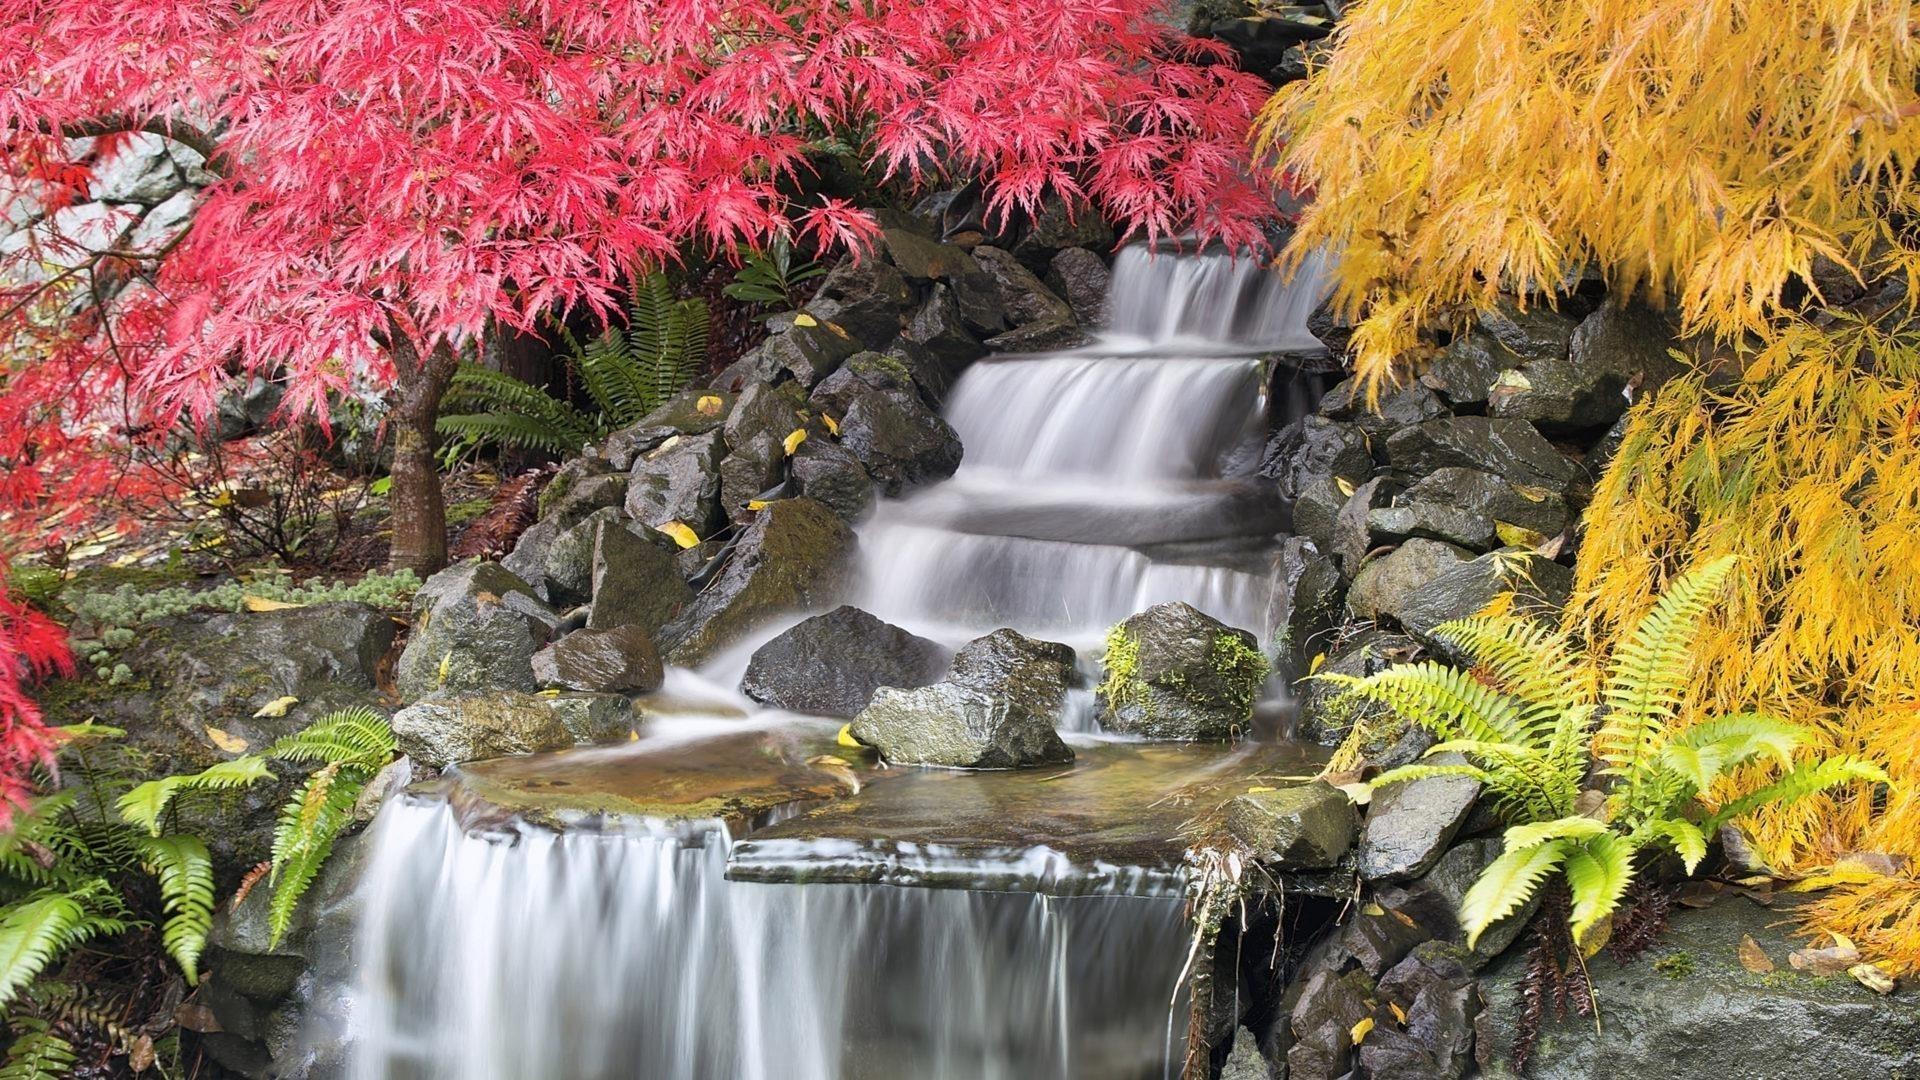 Водопады струятся по камням между красно-желтыми опадающими листьями, падают деревья обои скачать